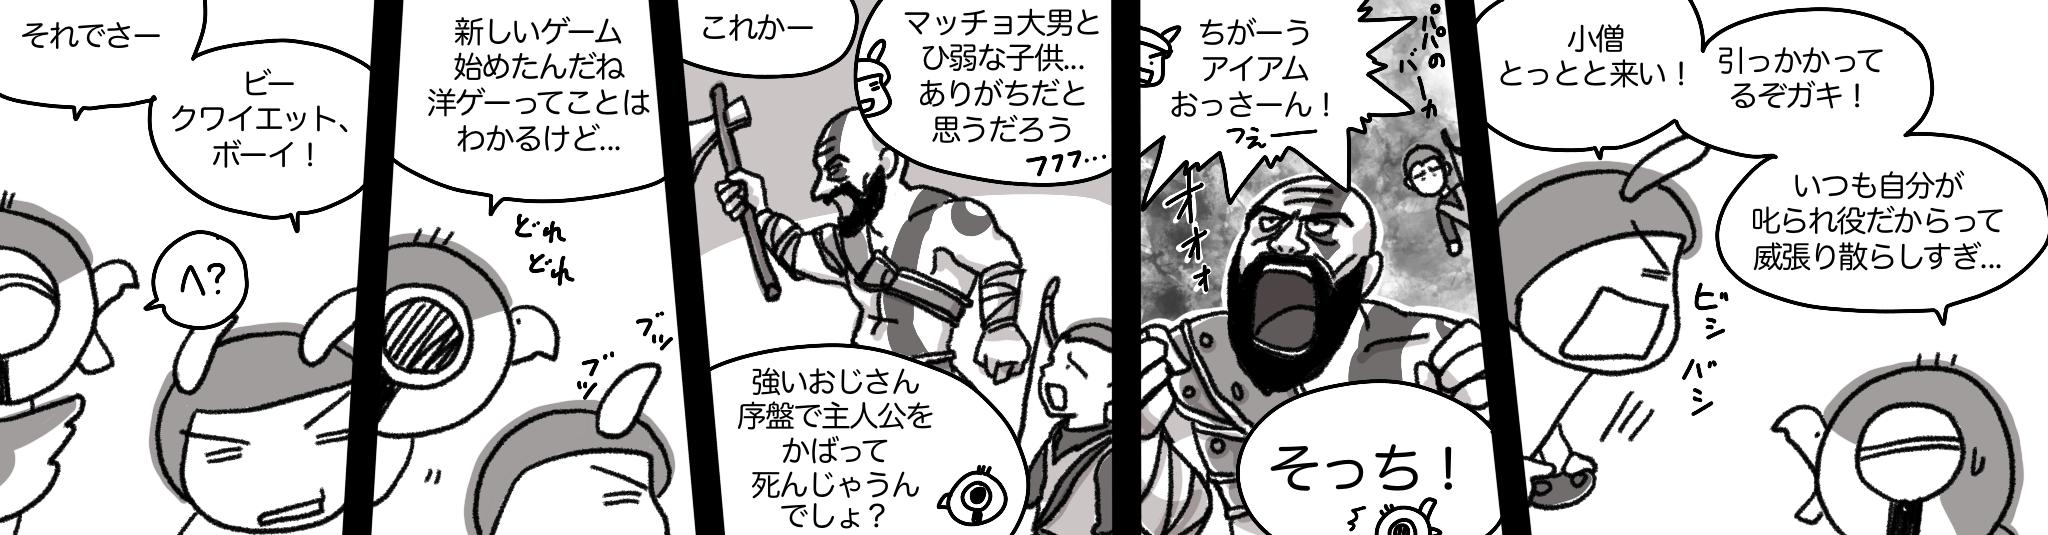 ゴッド・オブ・ウォー漫画日記:よーしパパ大岩投げちゃうぞ!